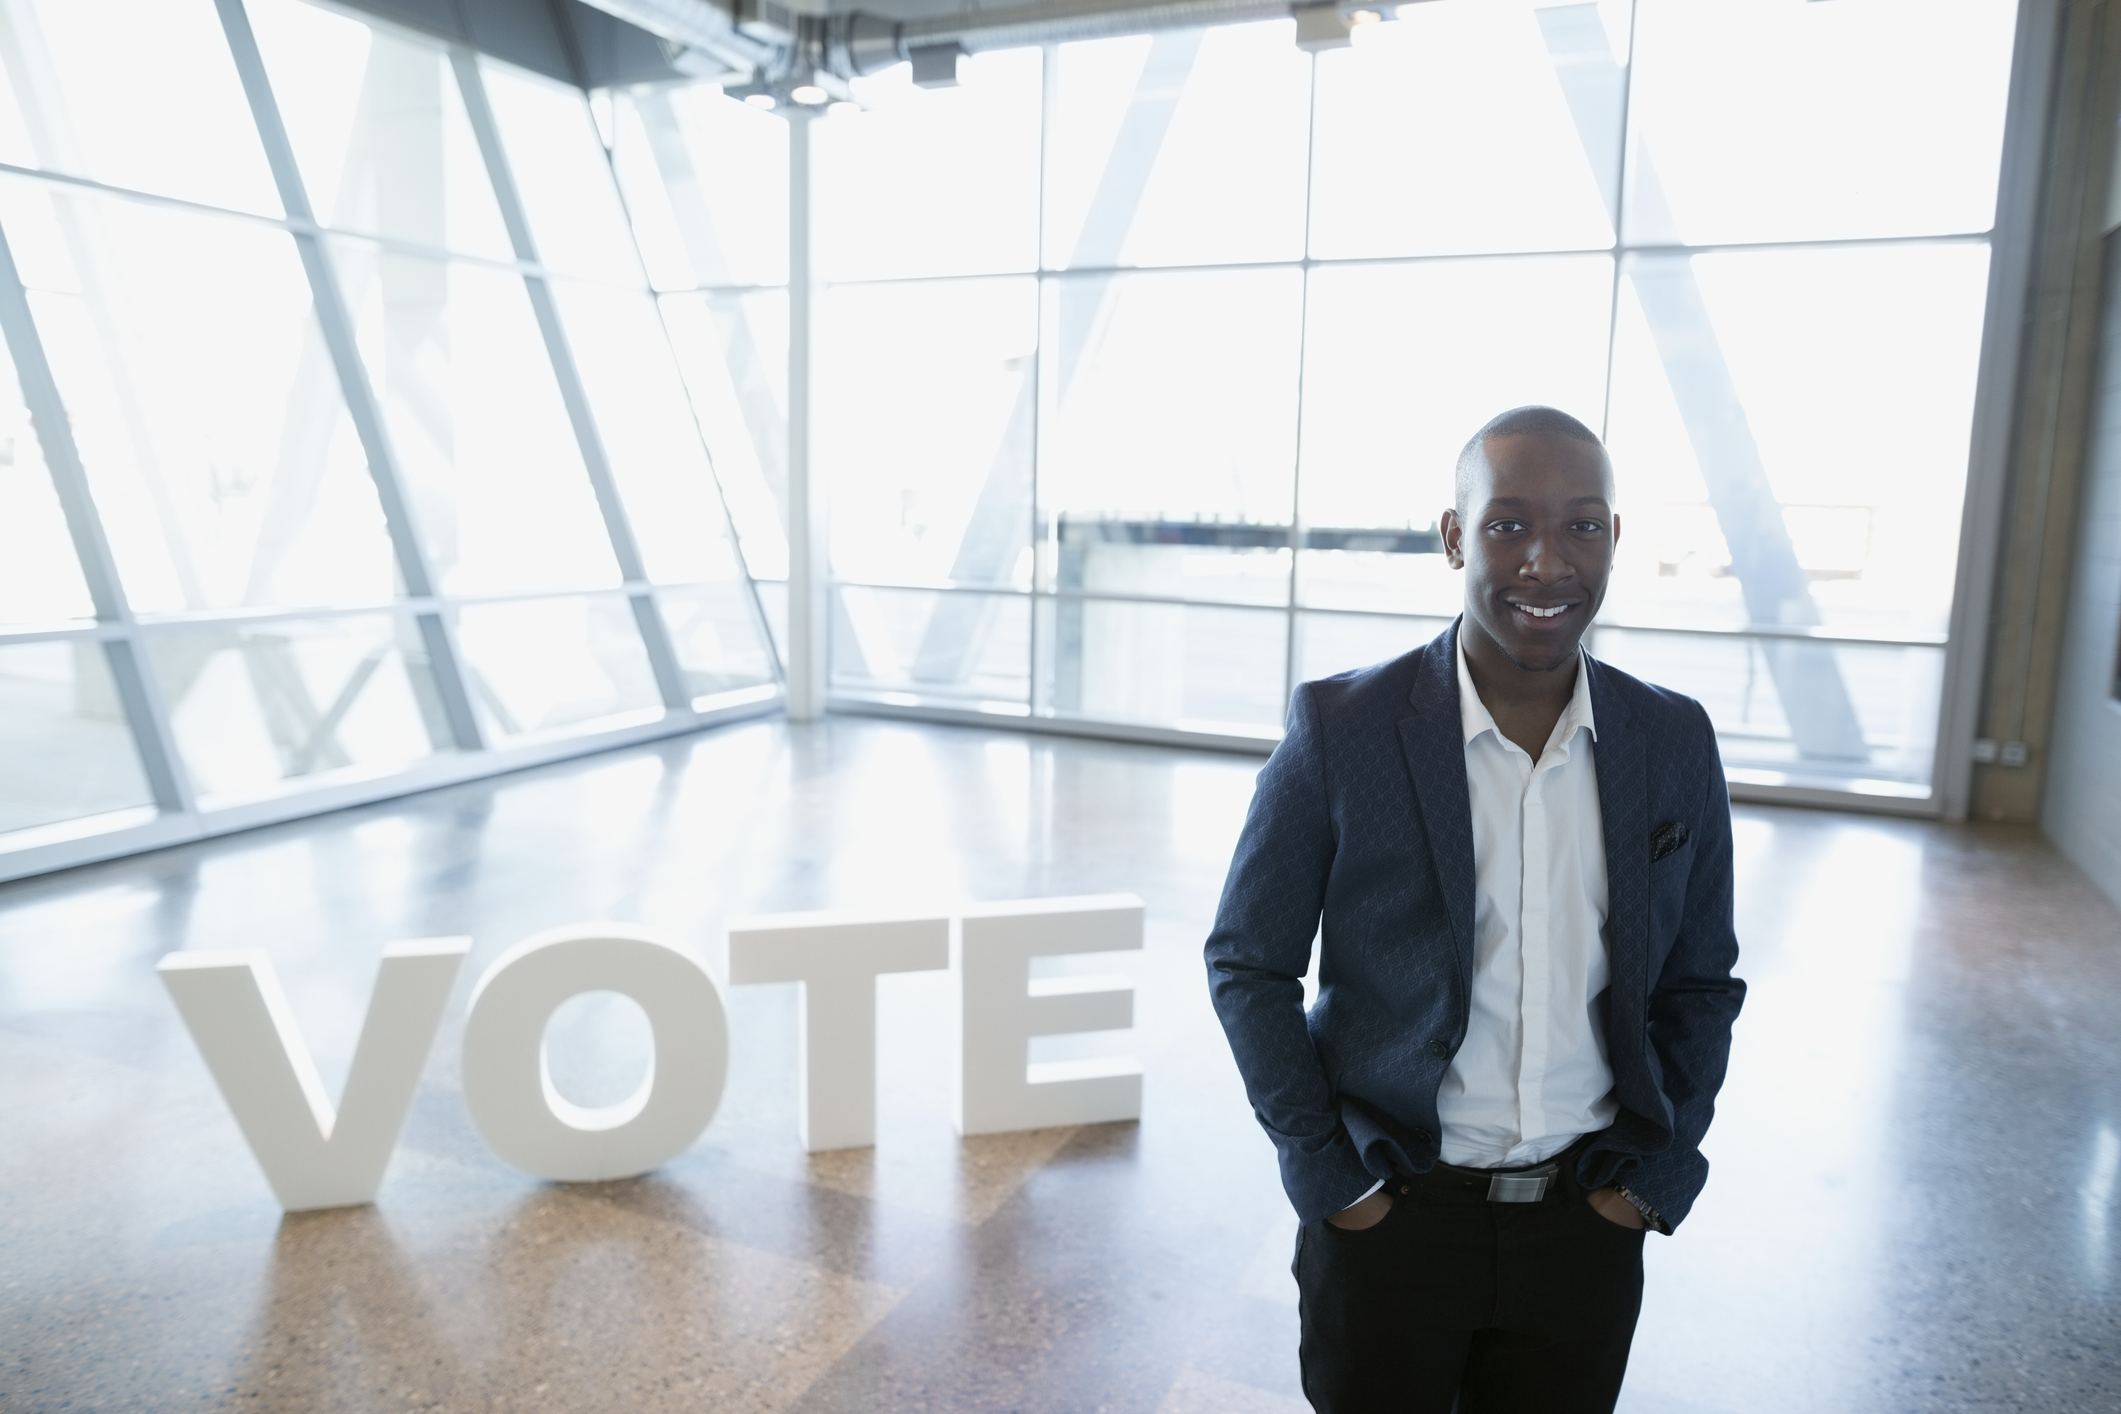 Portrait smiling young businessman near Vote text